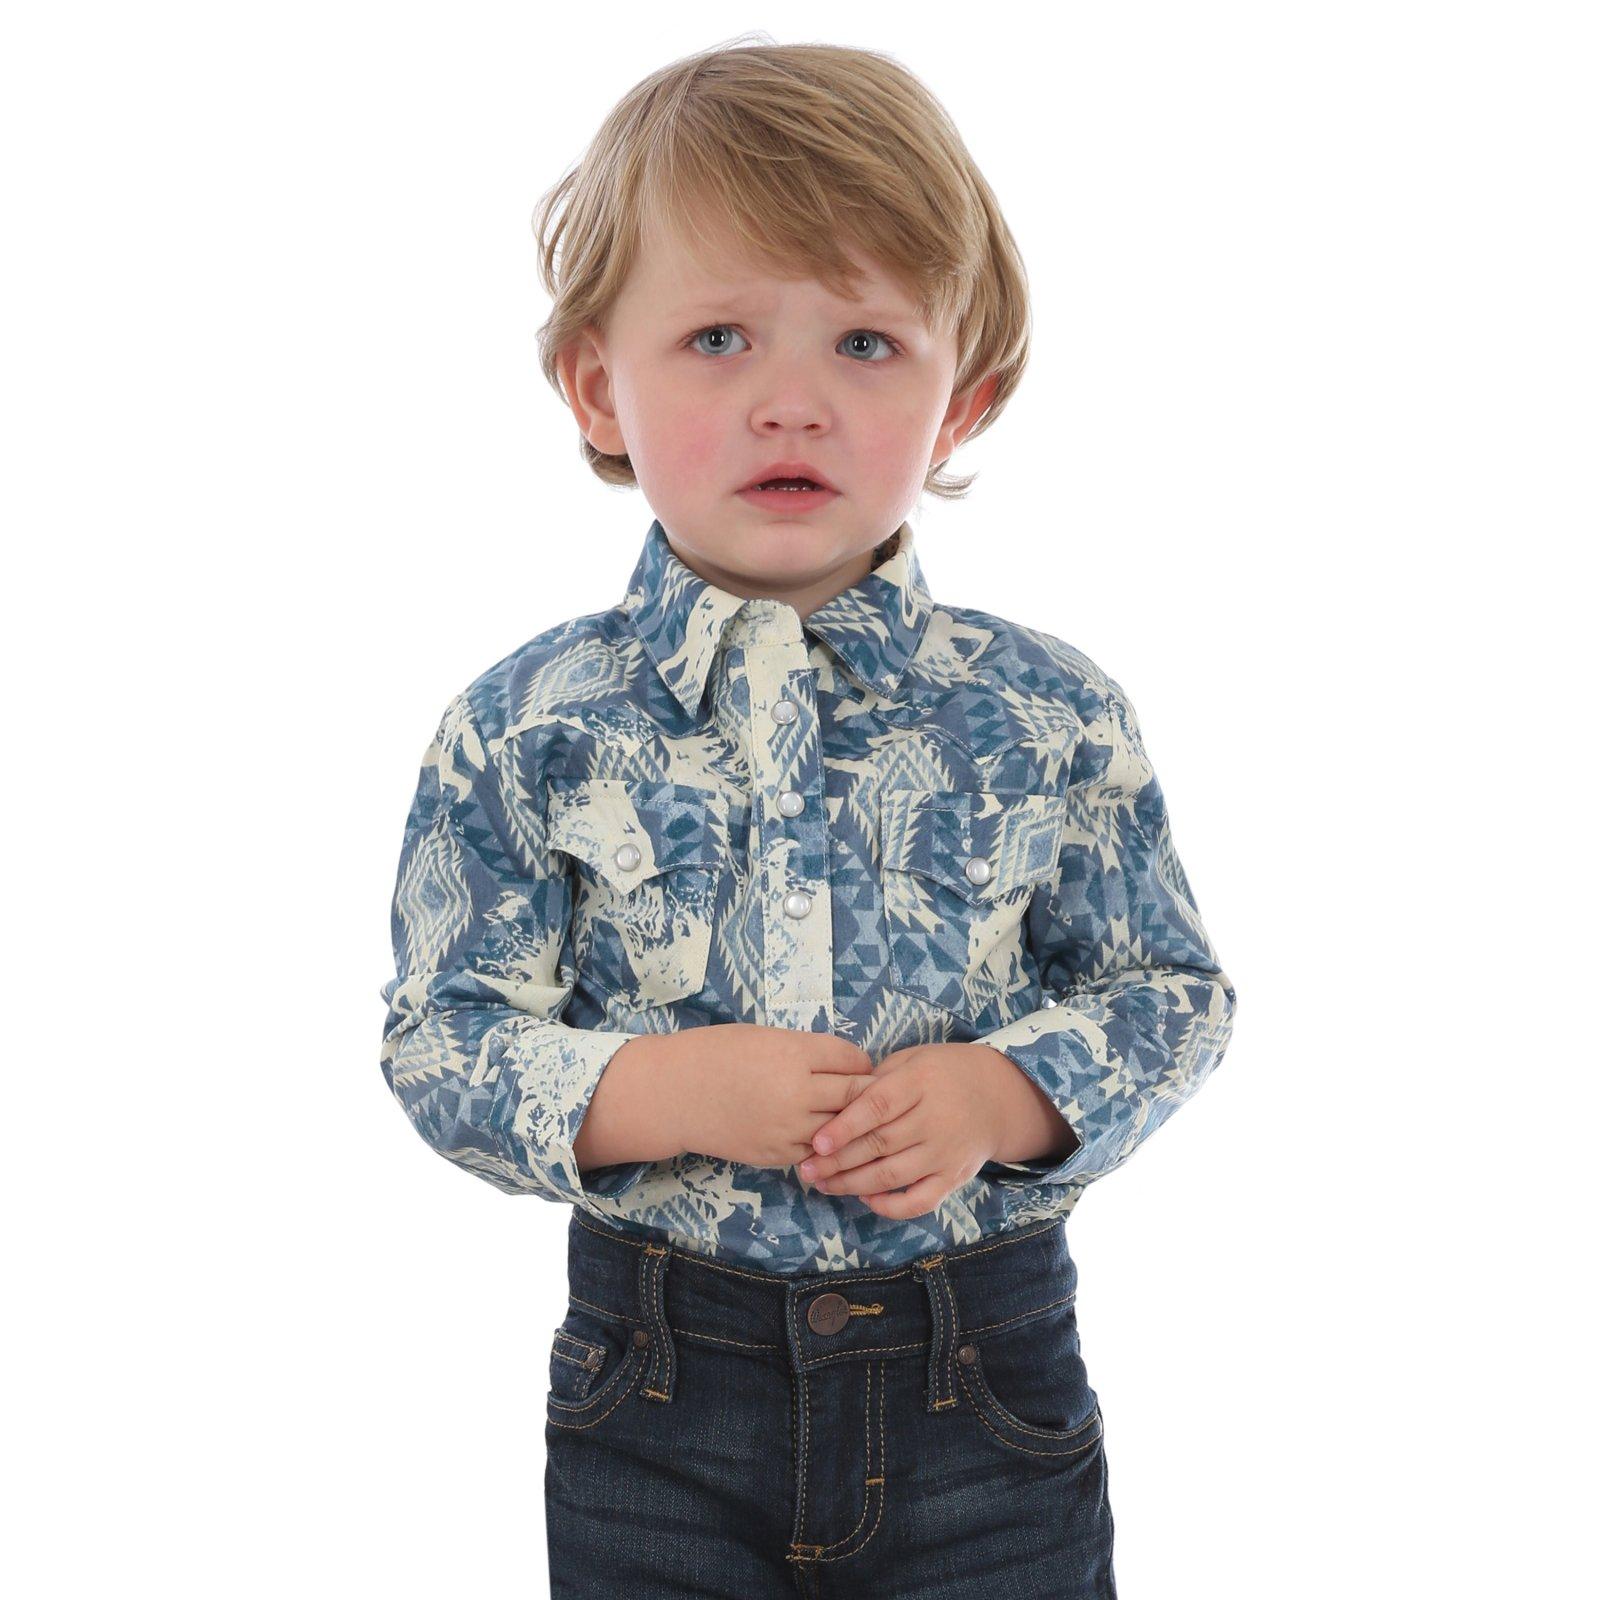 Infant Pearl Snap Bodysuit from Wrangler